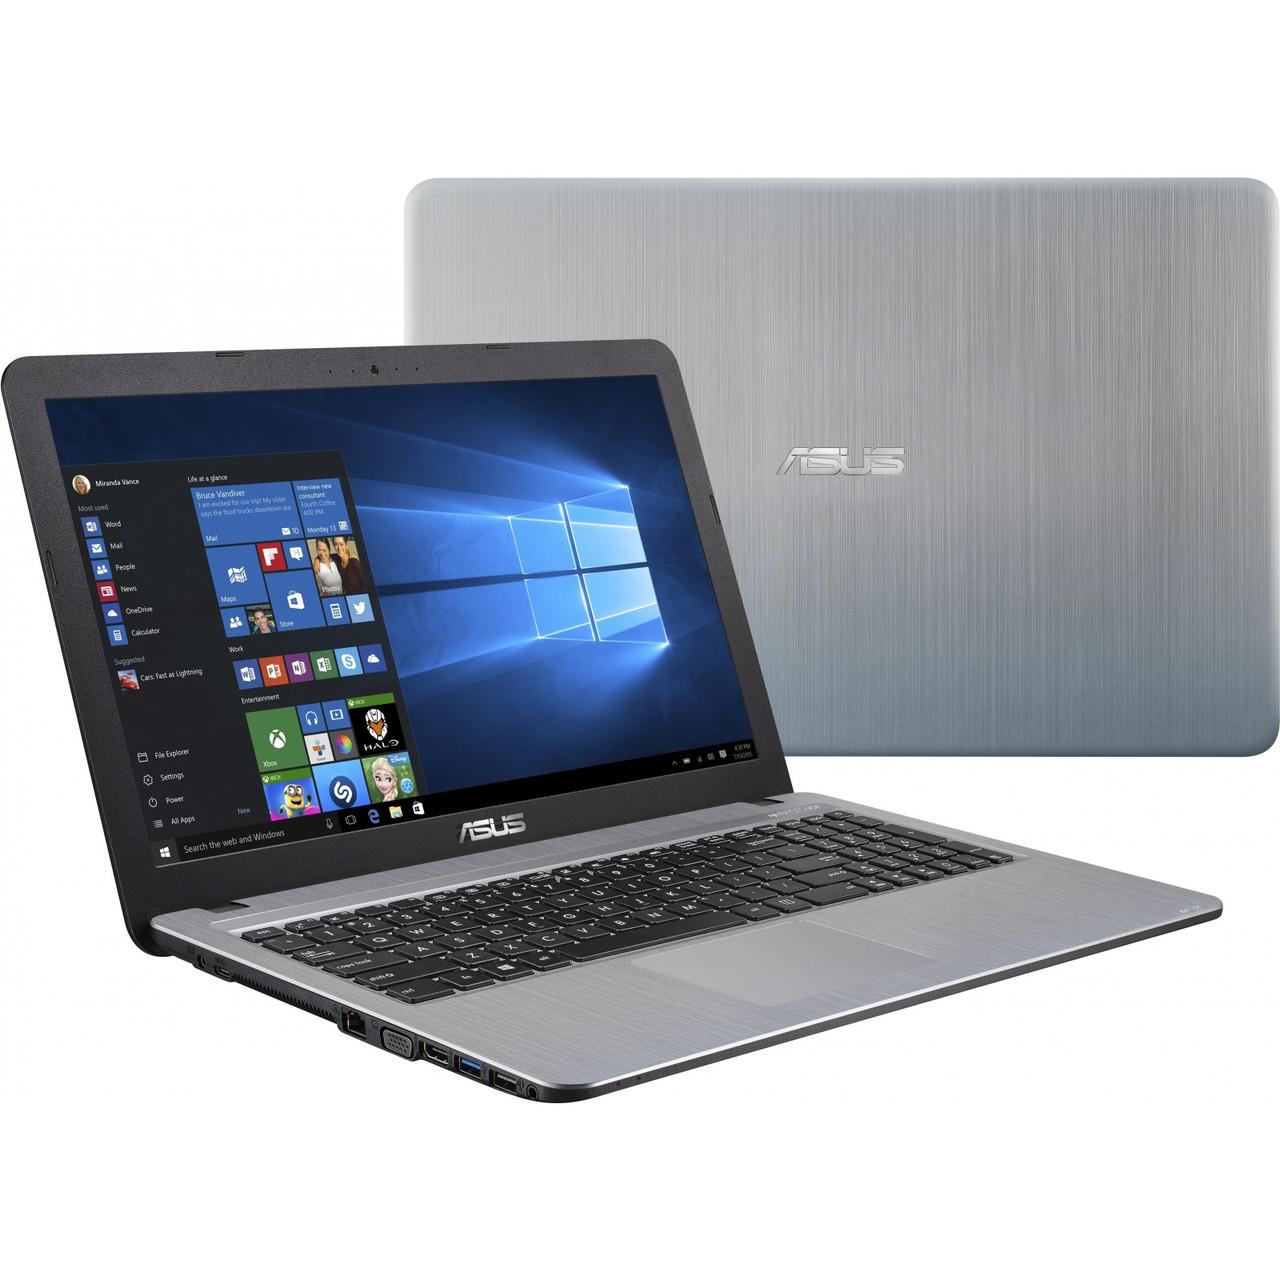 """ϞНоутбук 15,6"""" Asus X540MA (X540MA-GQ008) Silver Gradient Intel Celeron N4000 Graphics 600 RAM 4 ГБ HDD 500 ГБ"""